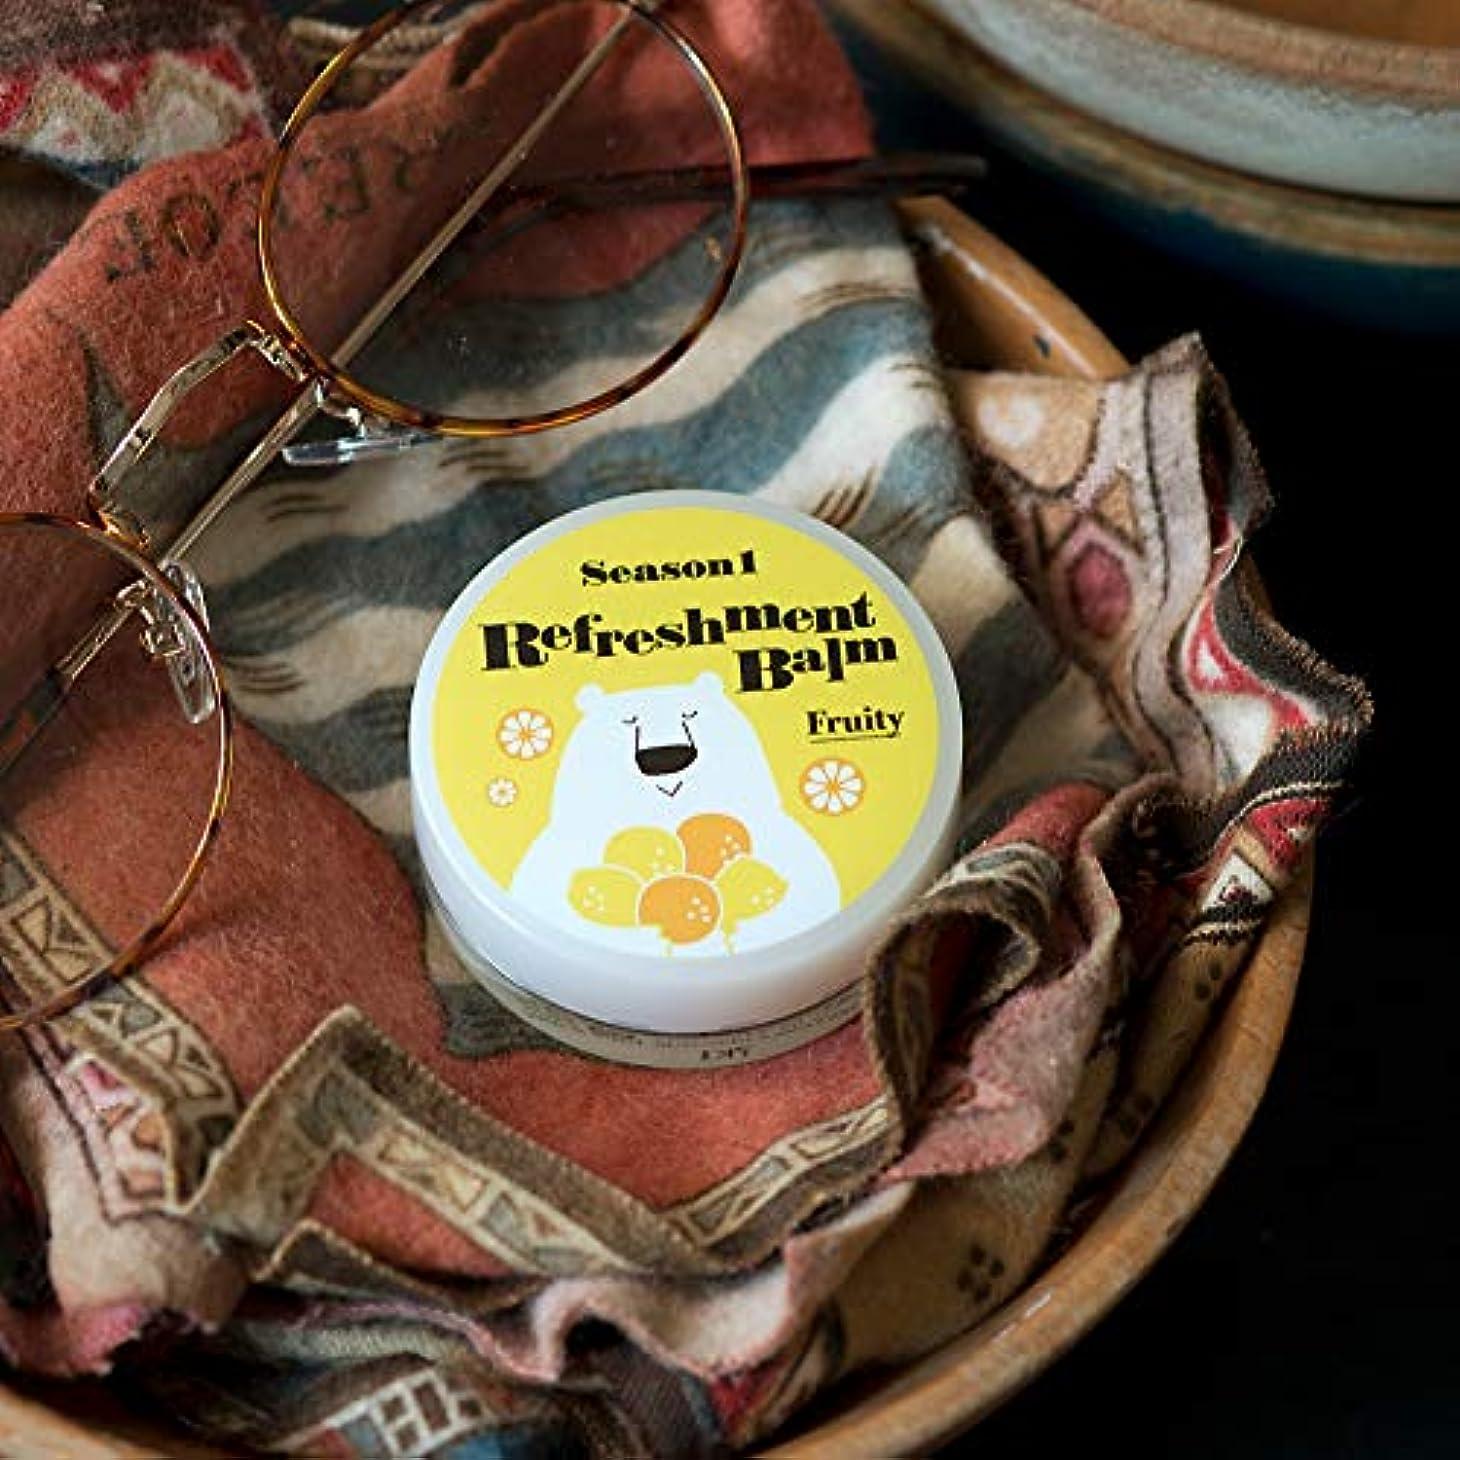 体細胞確実ピンチ(美健)BIKEN カサカサ鼻にひと塗り リフレッシュメントバーム フルーティ エッセンシャルオイル(精油)のみで香り付け